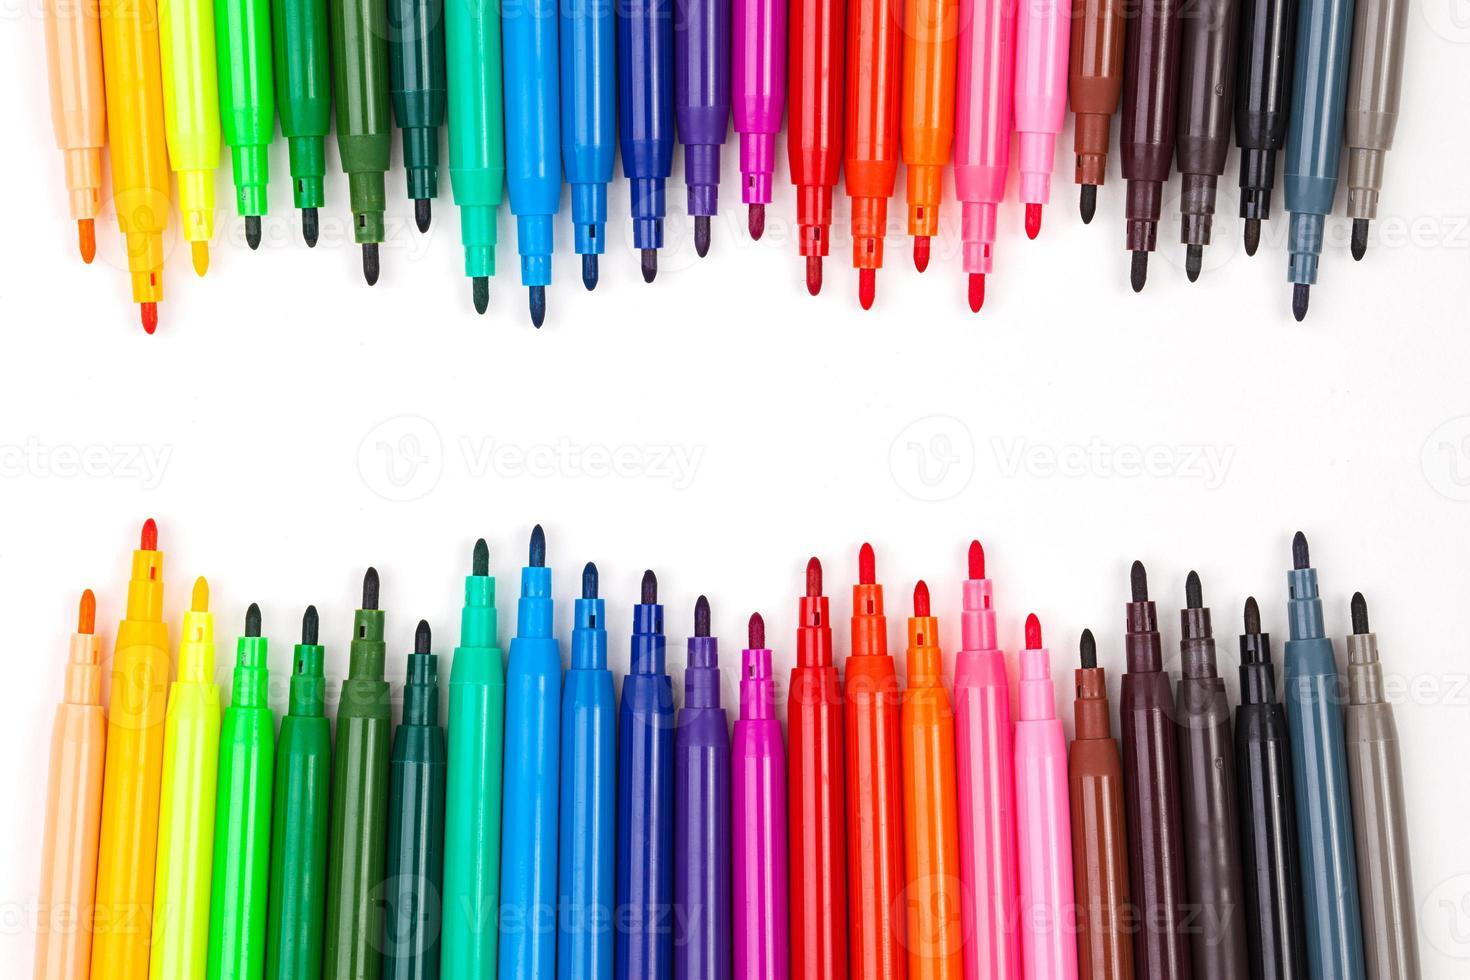 Farbstift foto